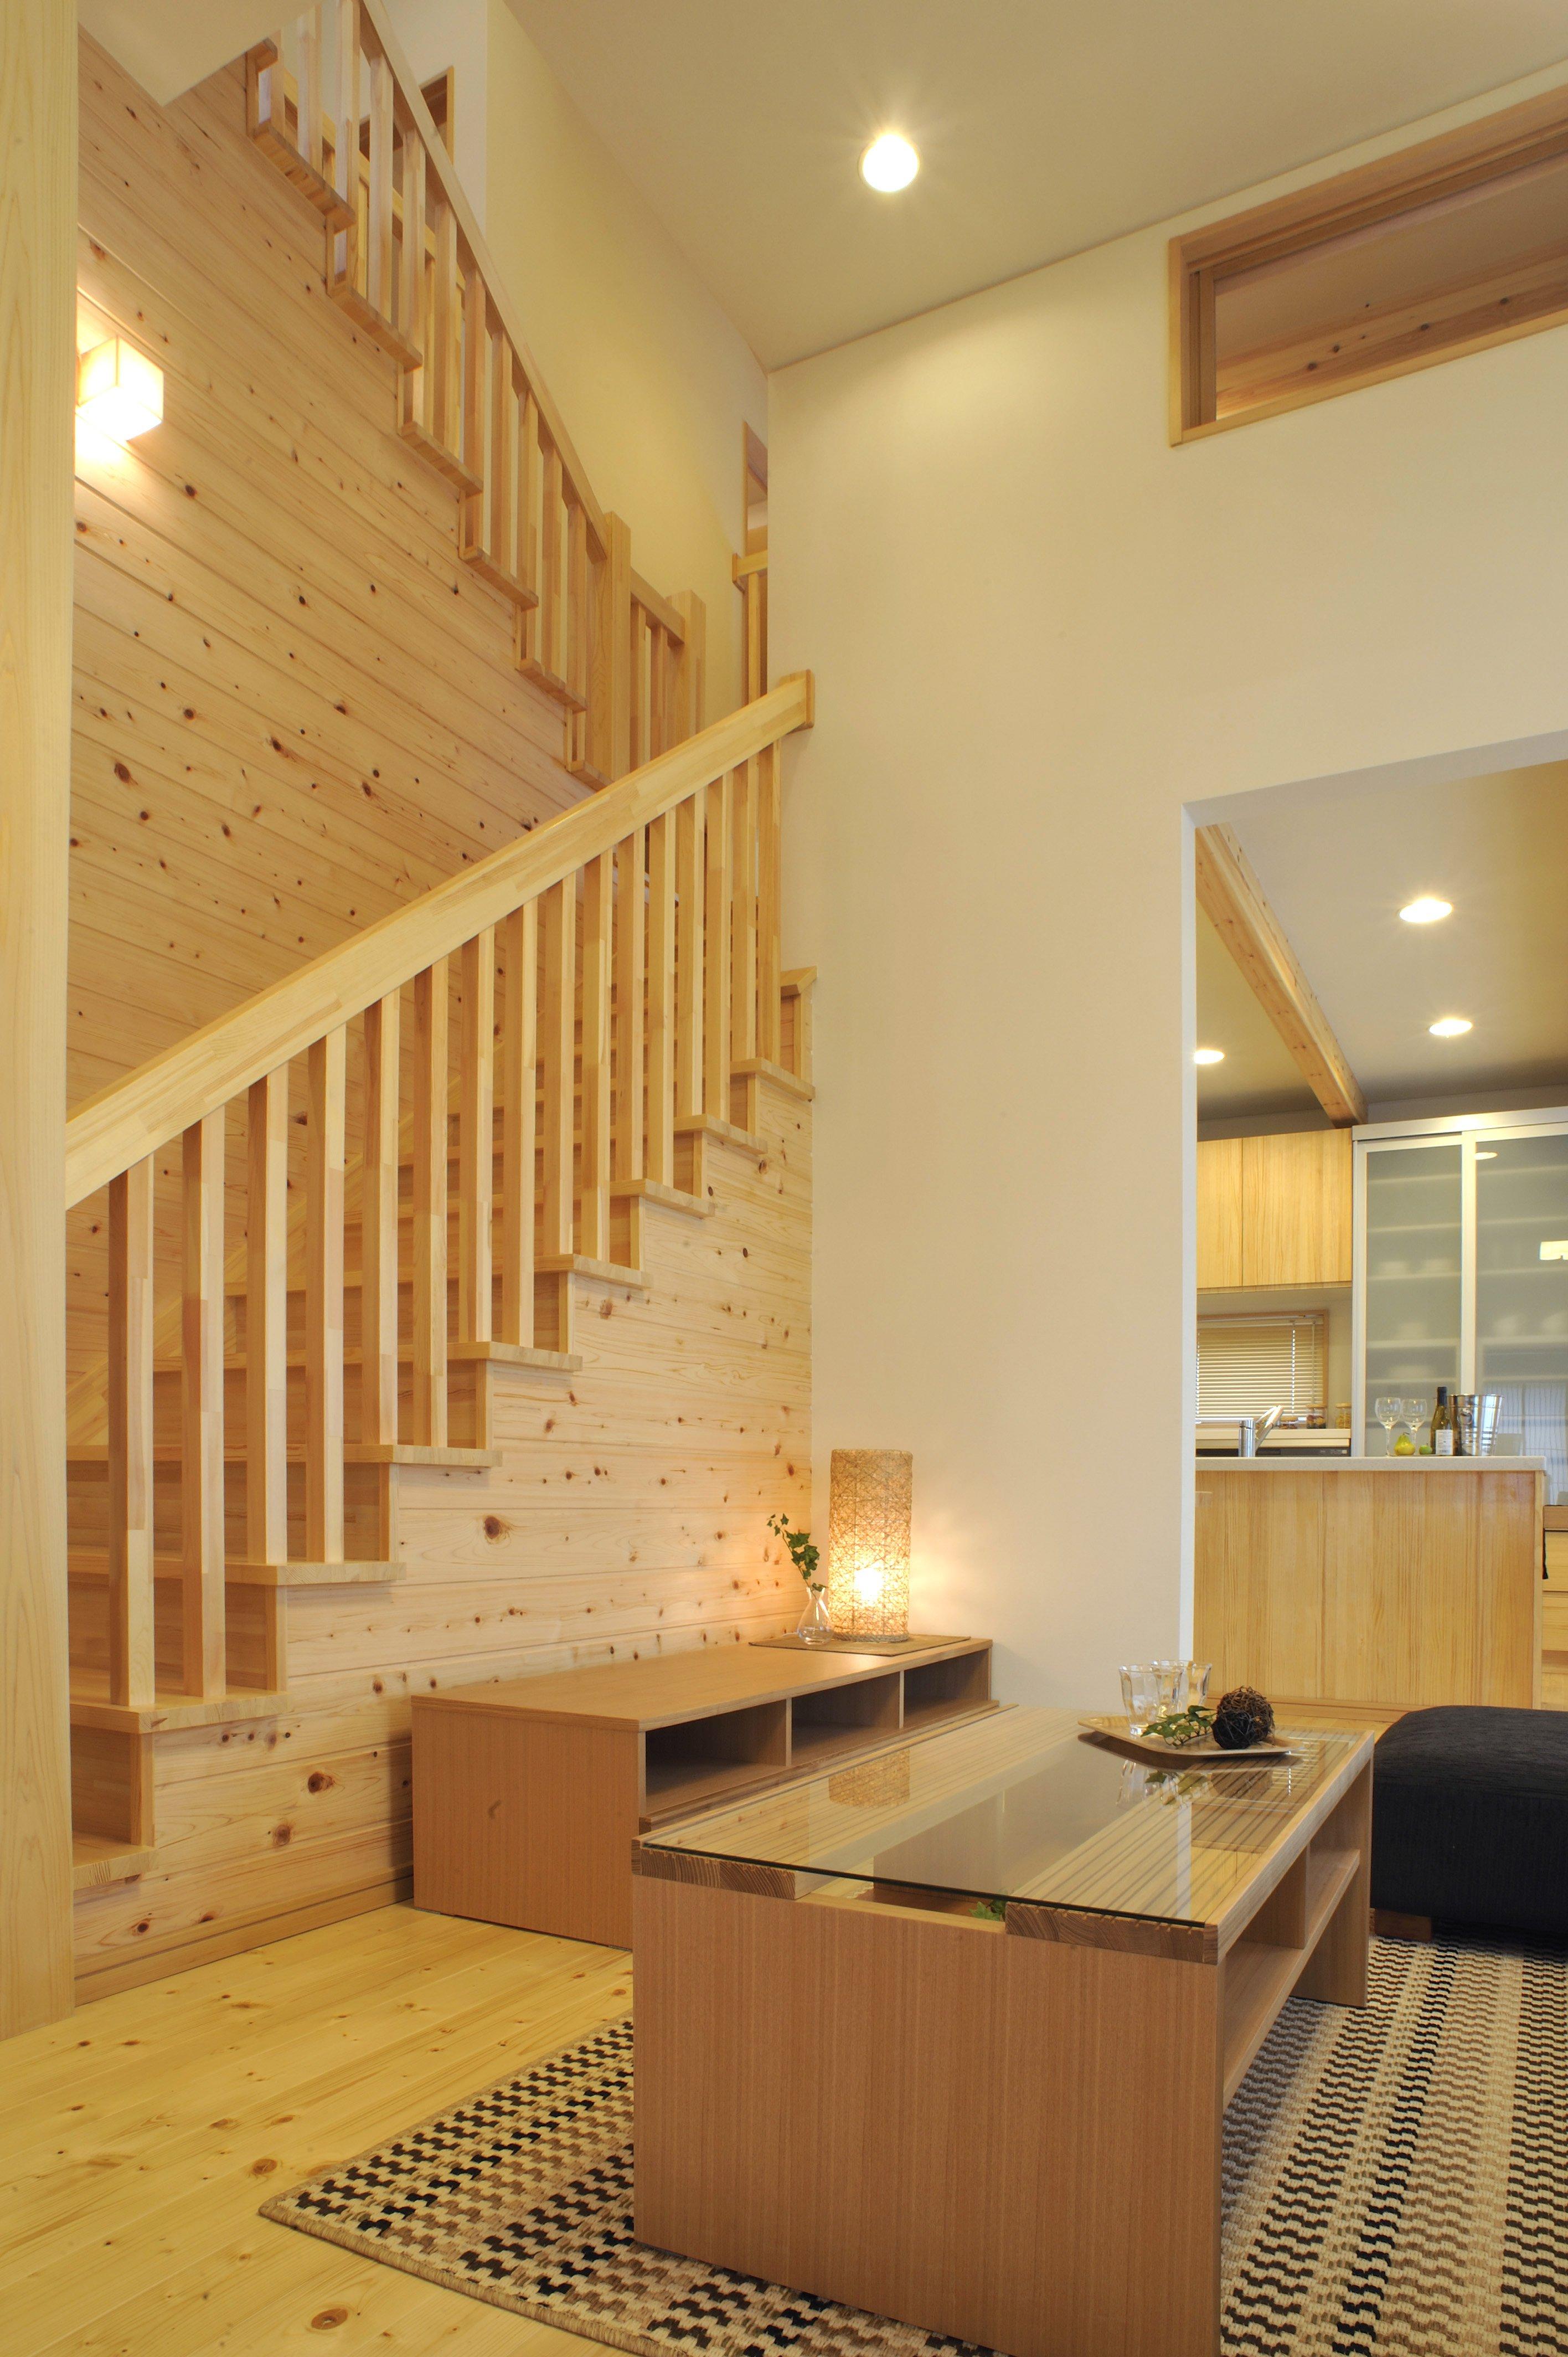 健康住宅 家族収納(二世帯向け抗酸化住宅)40坪のイメージその4